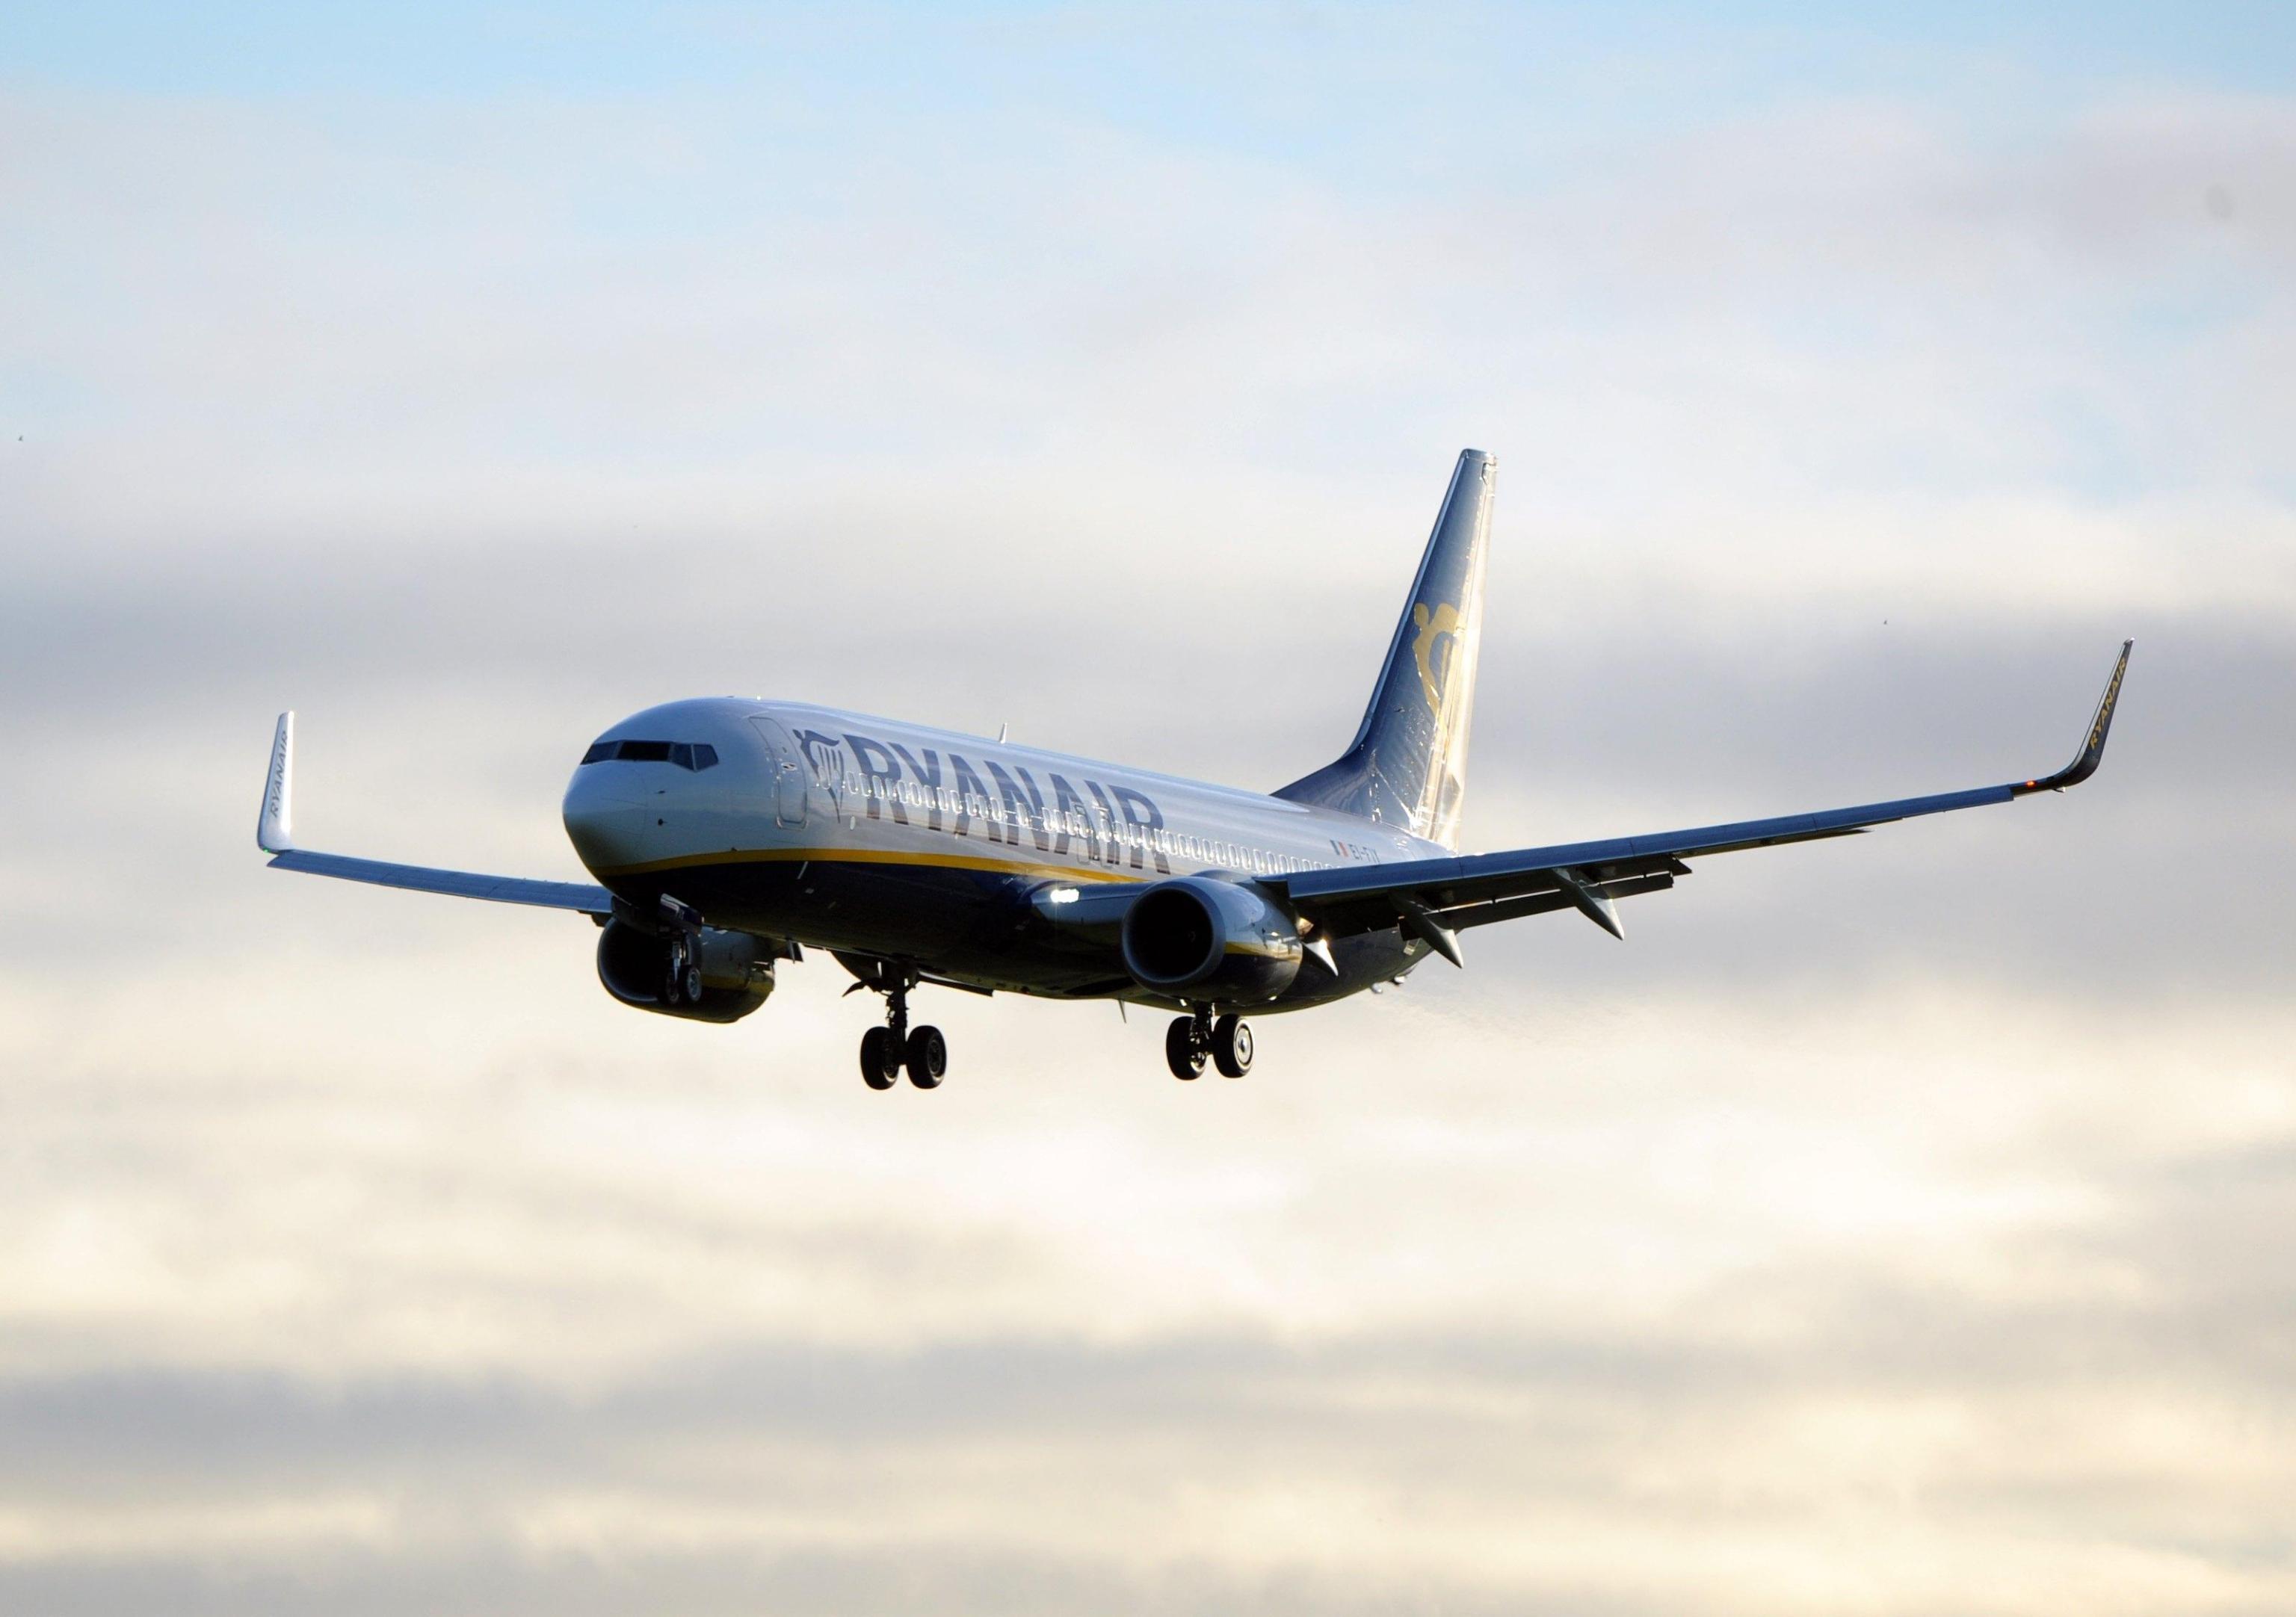 Allarme bomba su volo Ryanair, intervengono i jet militari della Raf